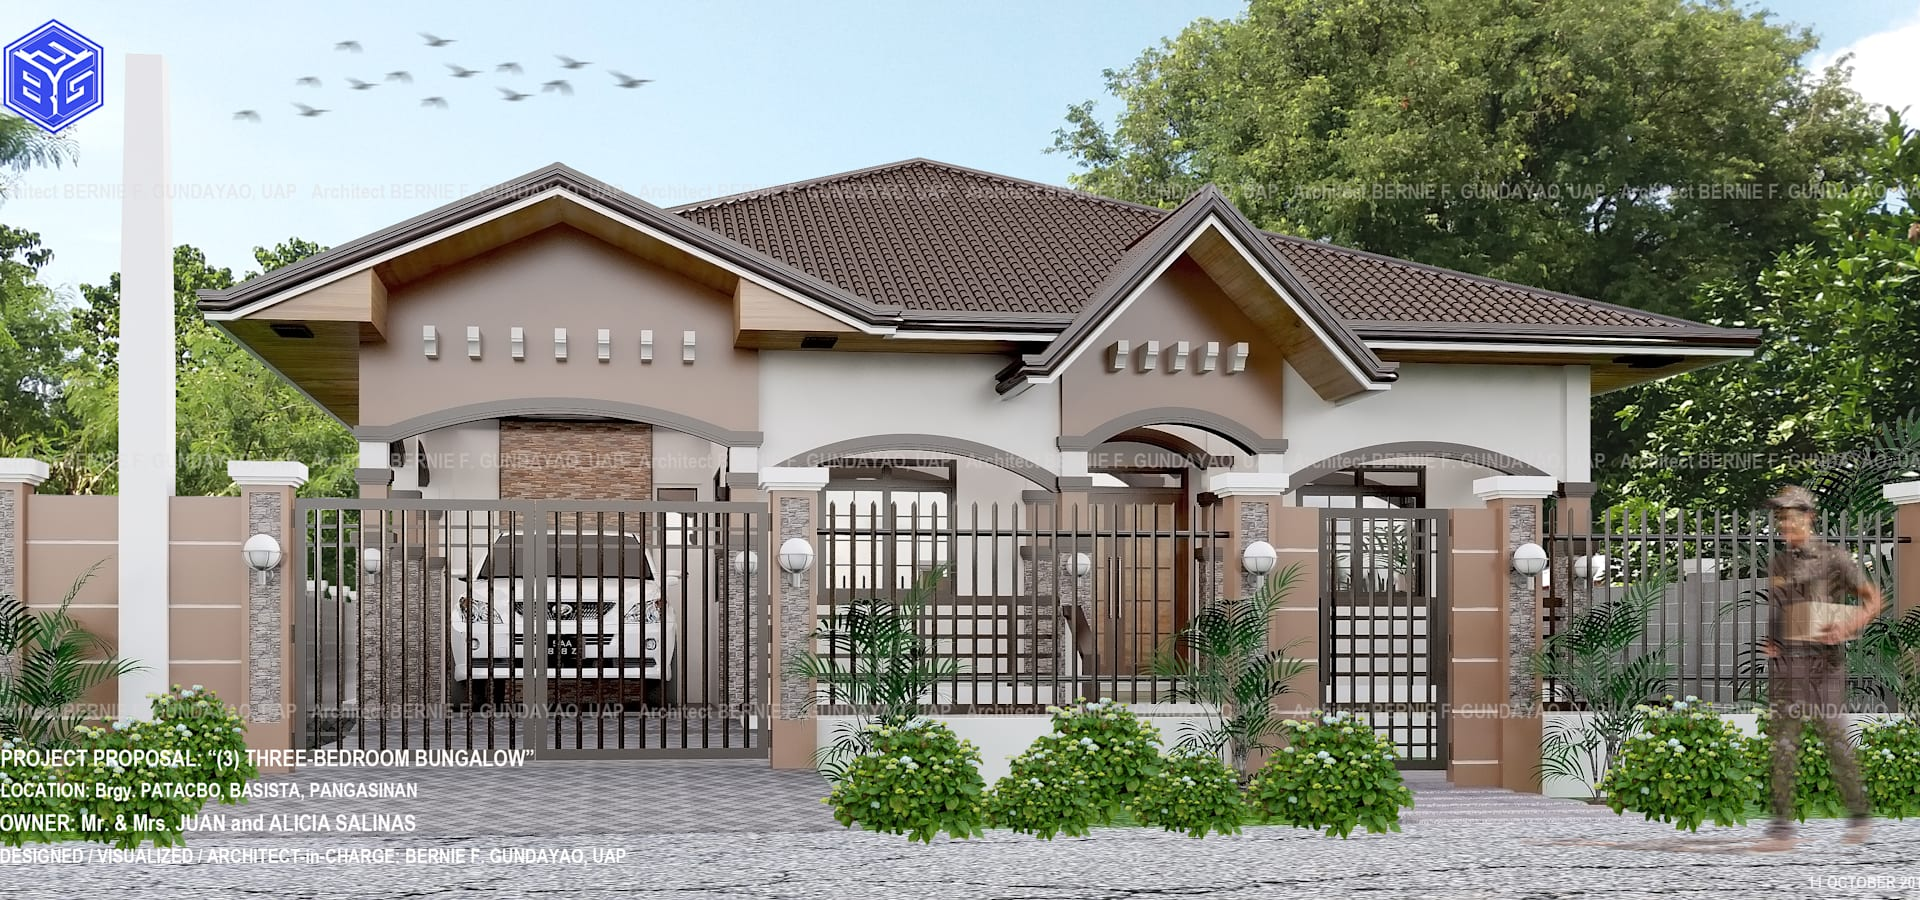 BFgundayao Builders